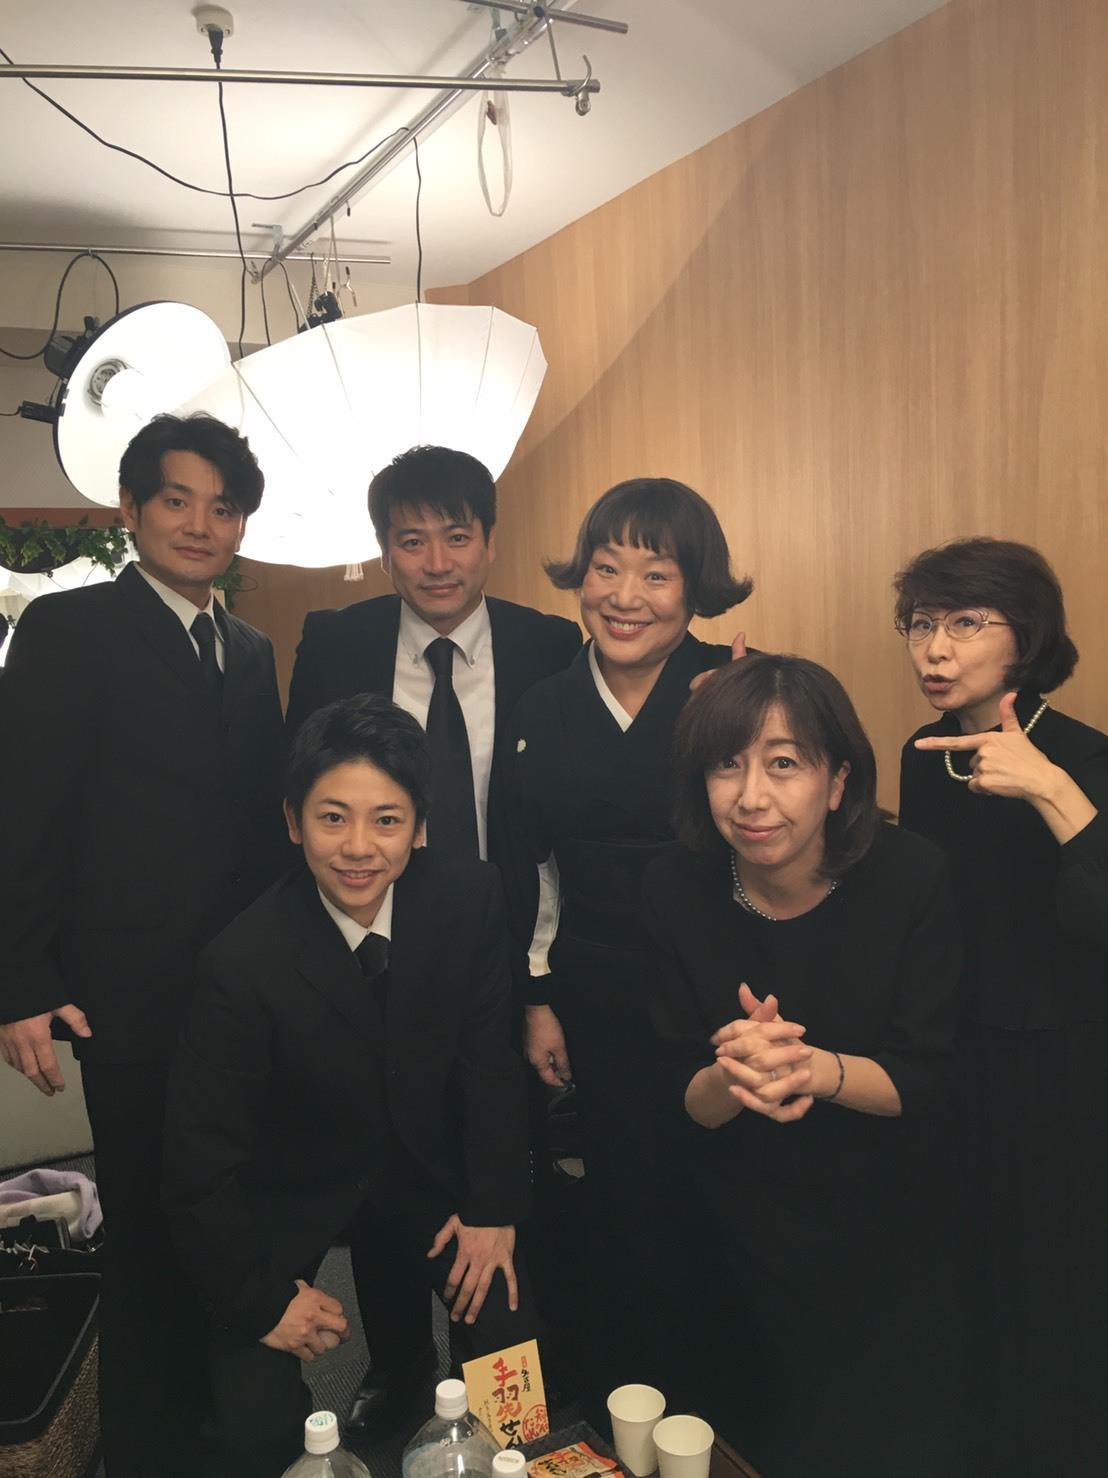 懐かしく同窓会_a0163623_14105892.jpg